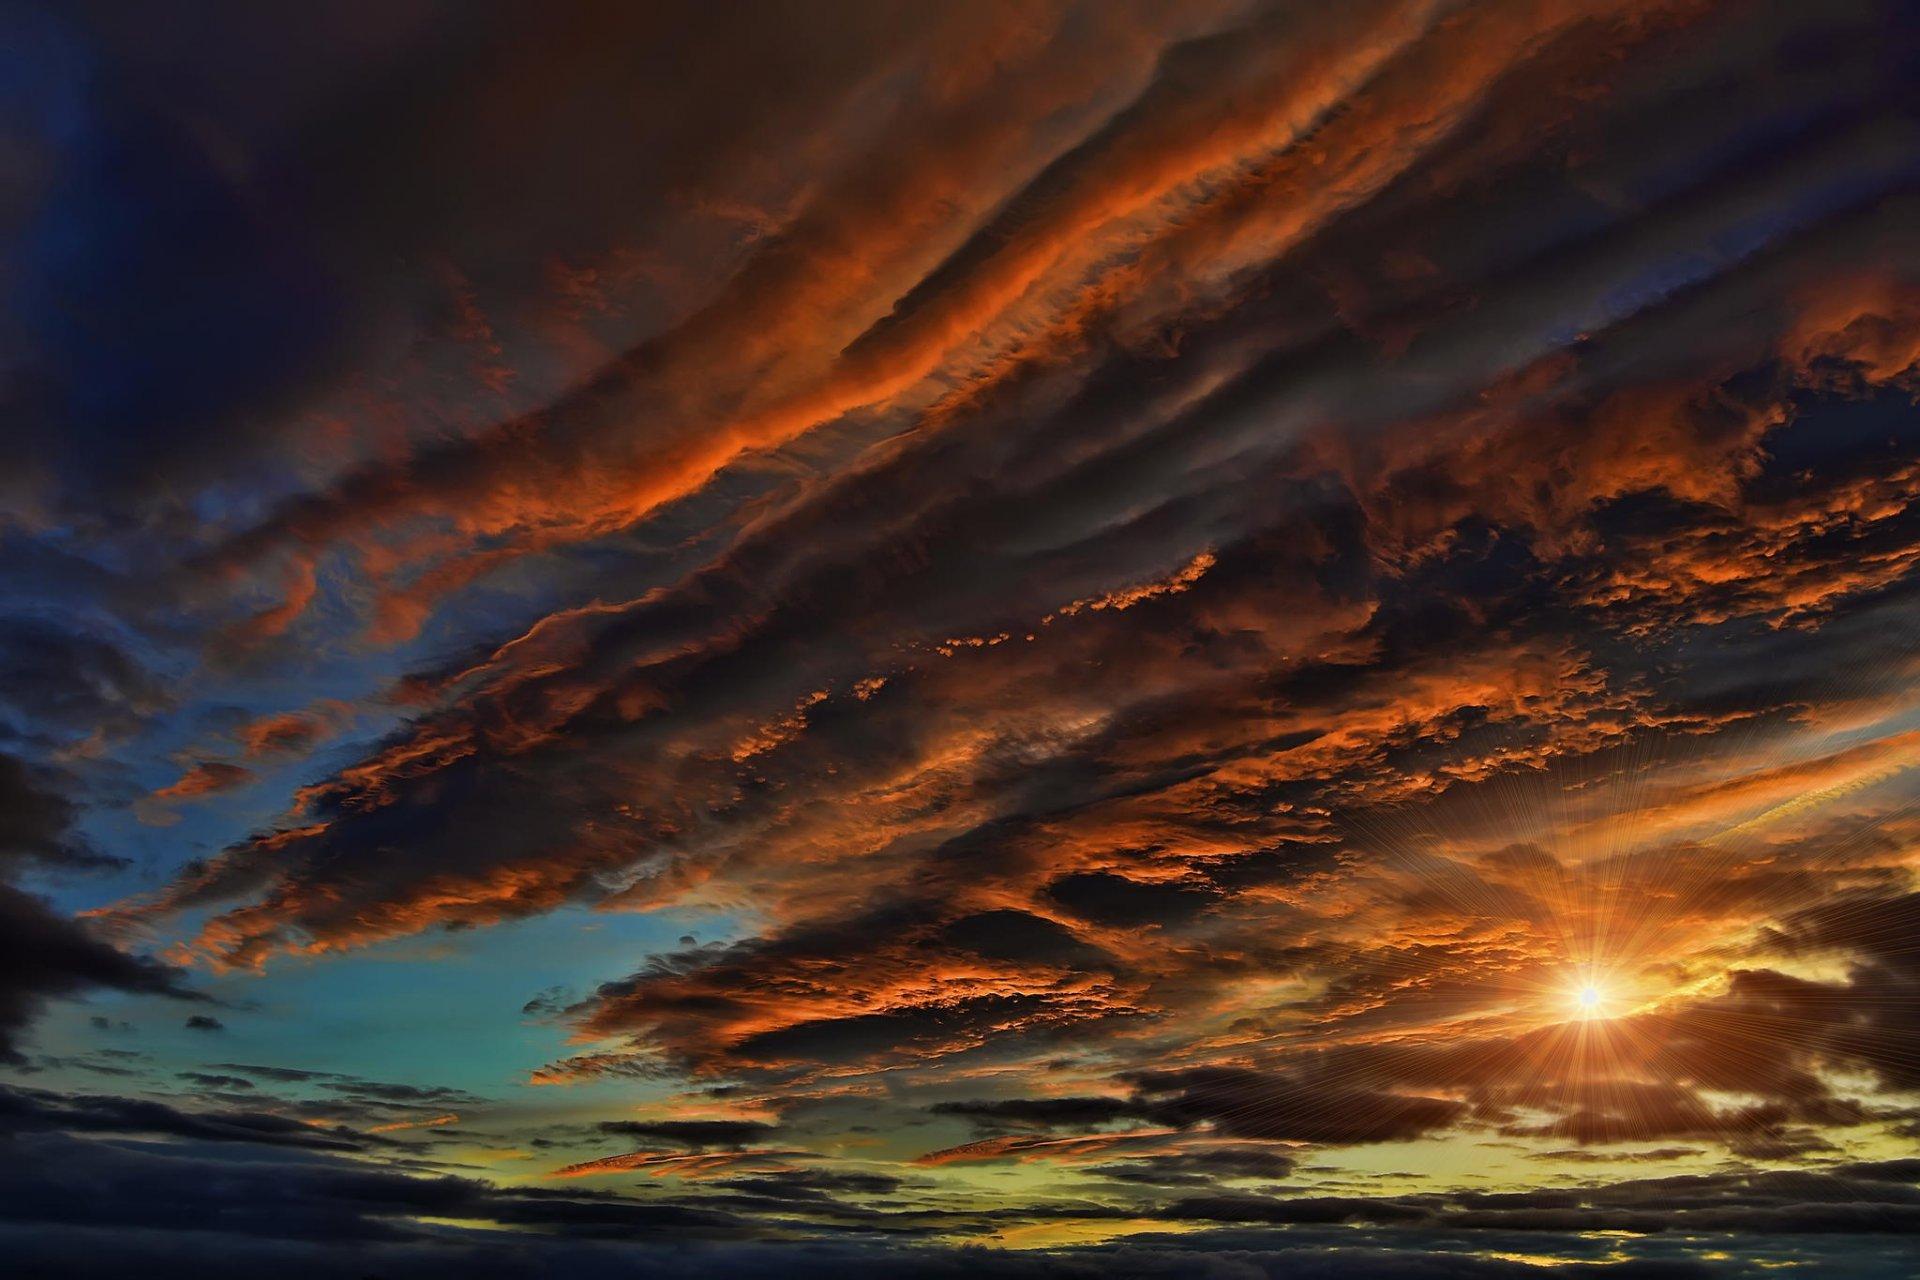 образом, помощью красивые фото неба высокого качества дизайн